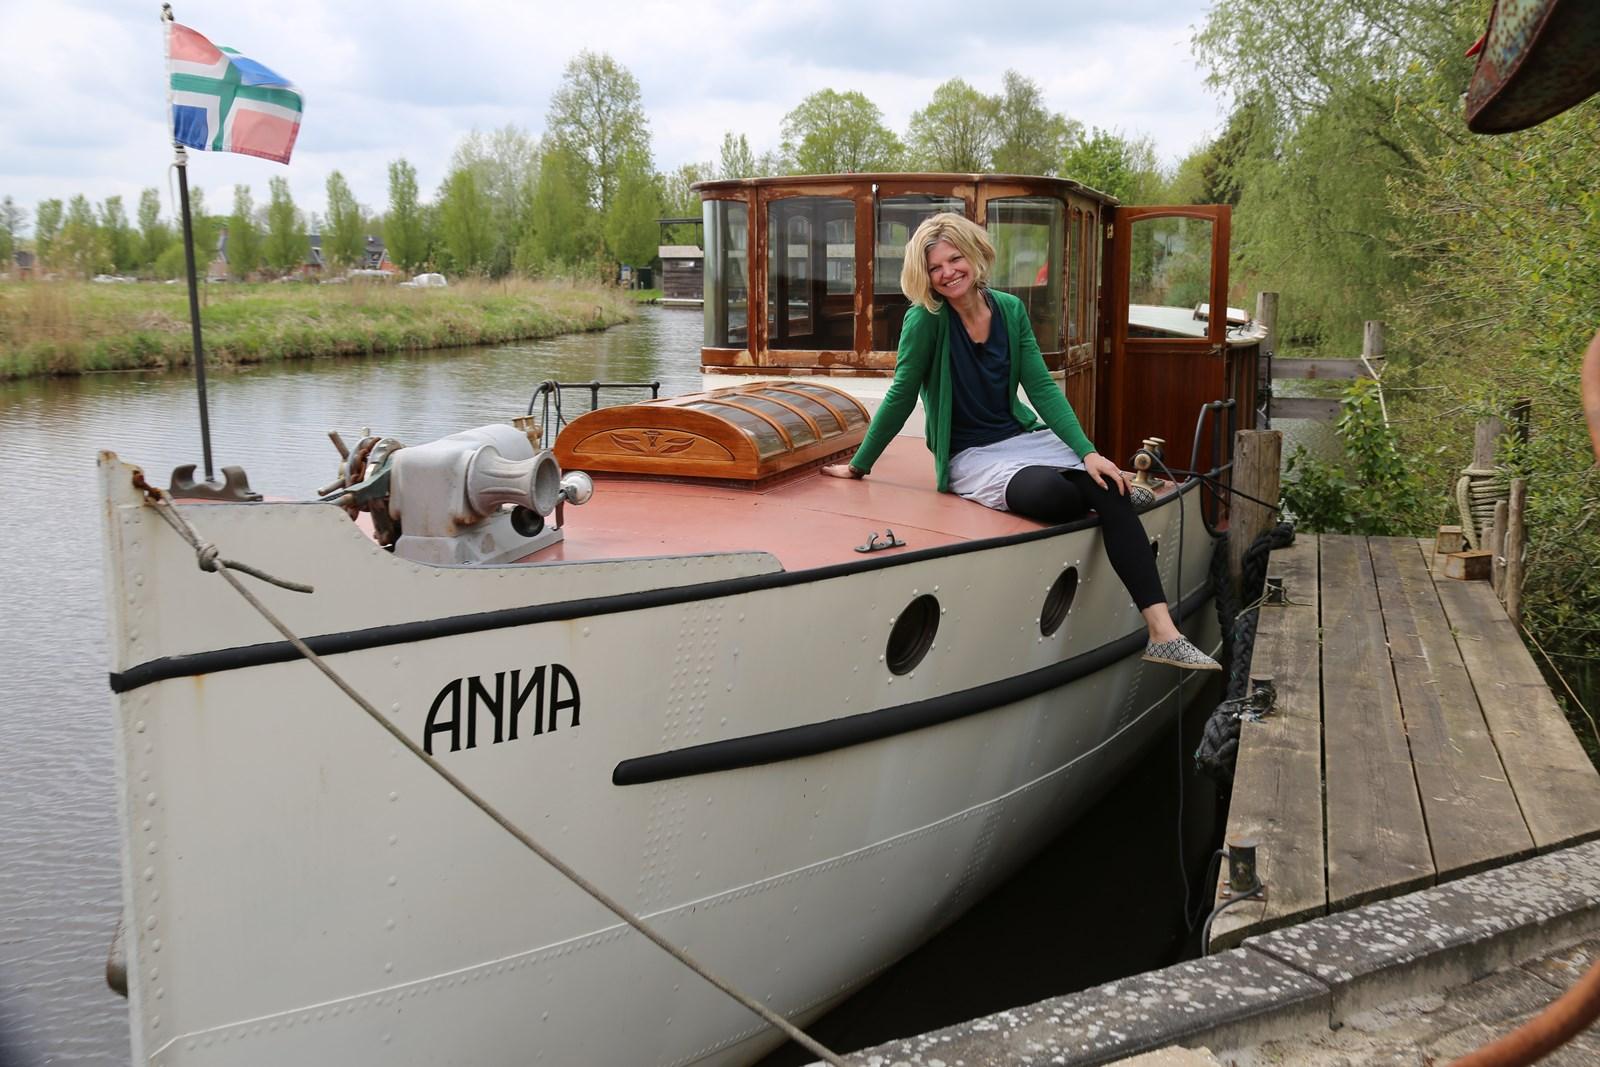 Wonderlijk SALONBOOT ANNA TE GAST IN MARITIEM MUSEUMHAVEN - watersport-tv HF-46